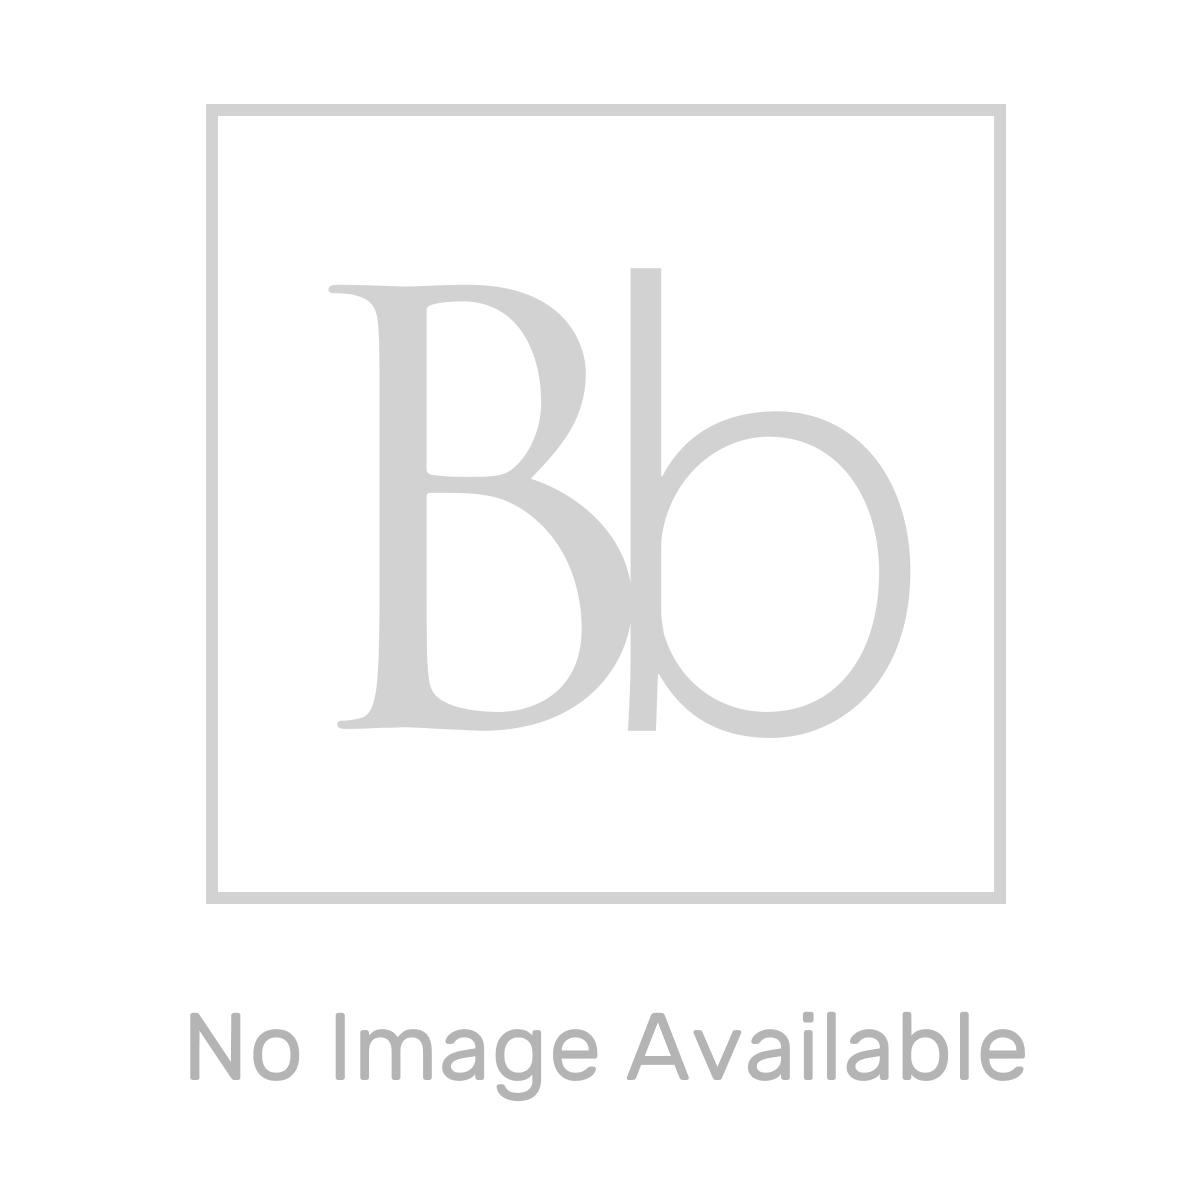 Lakes Classic White Bi-fold Pentagon Shower Enclosure